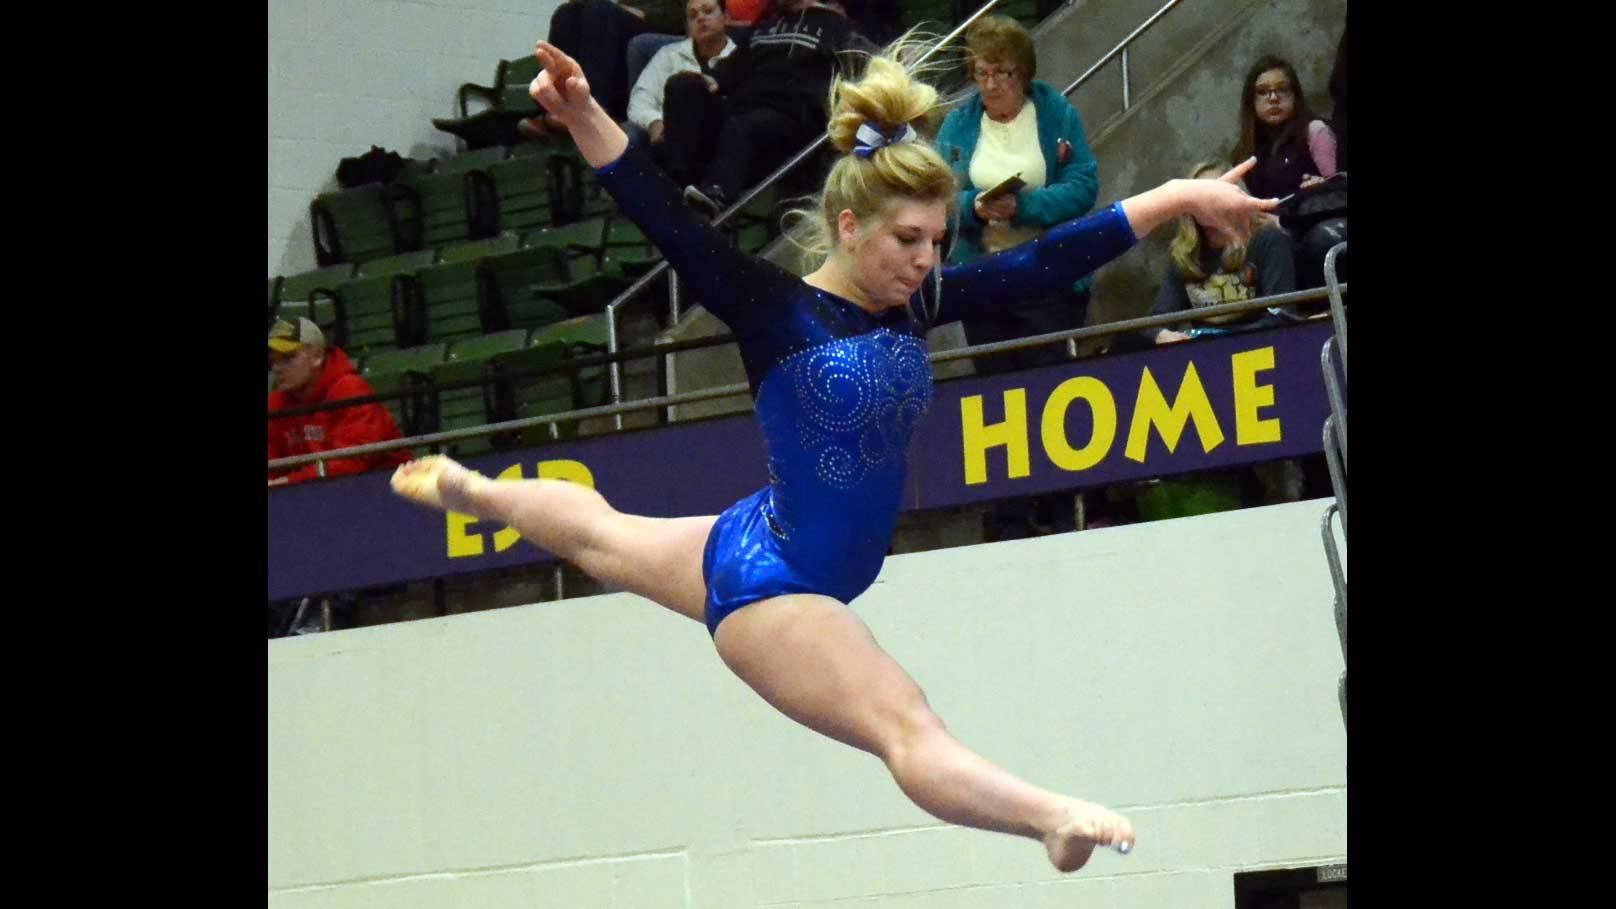 High school gymnast